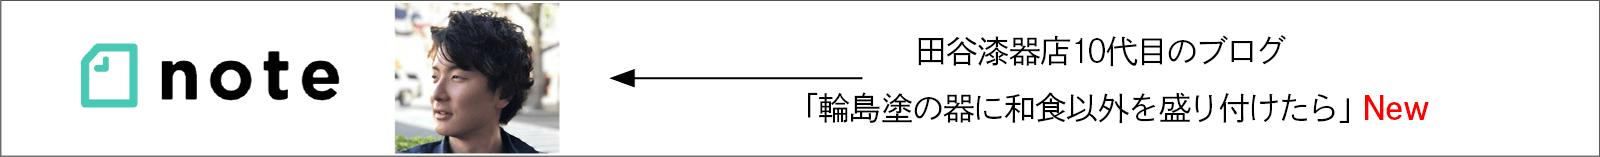 10代目ブログ更新6月9日「輪島塗の器に和食以外を盛り付けたら」